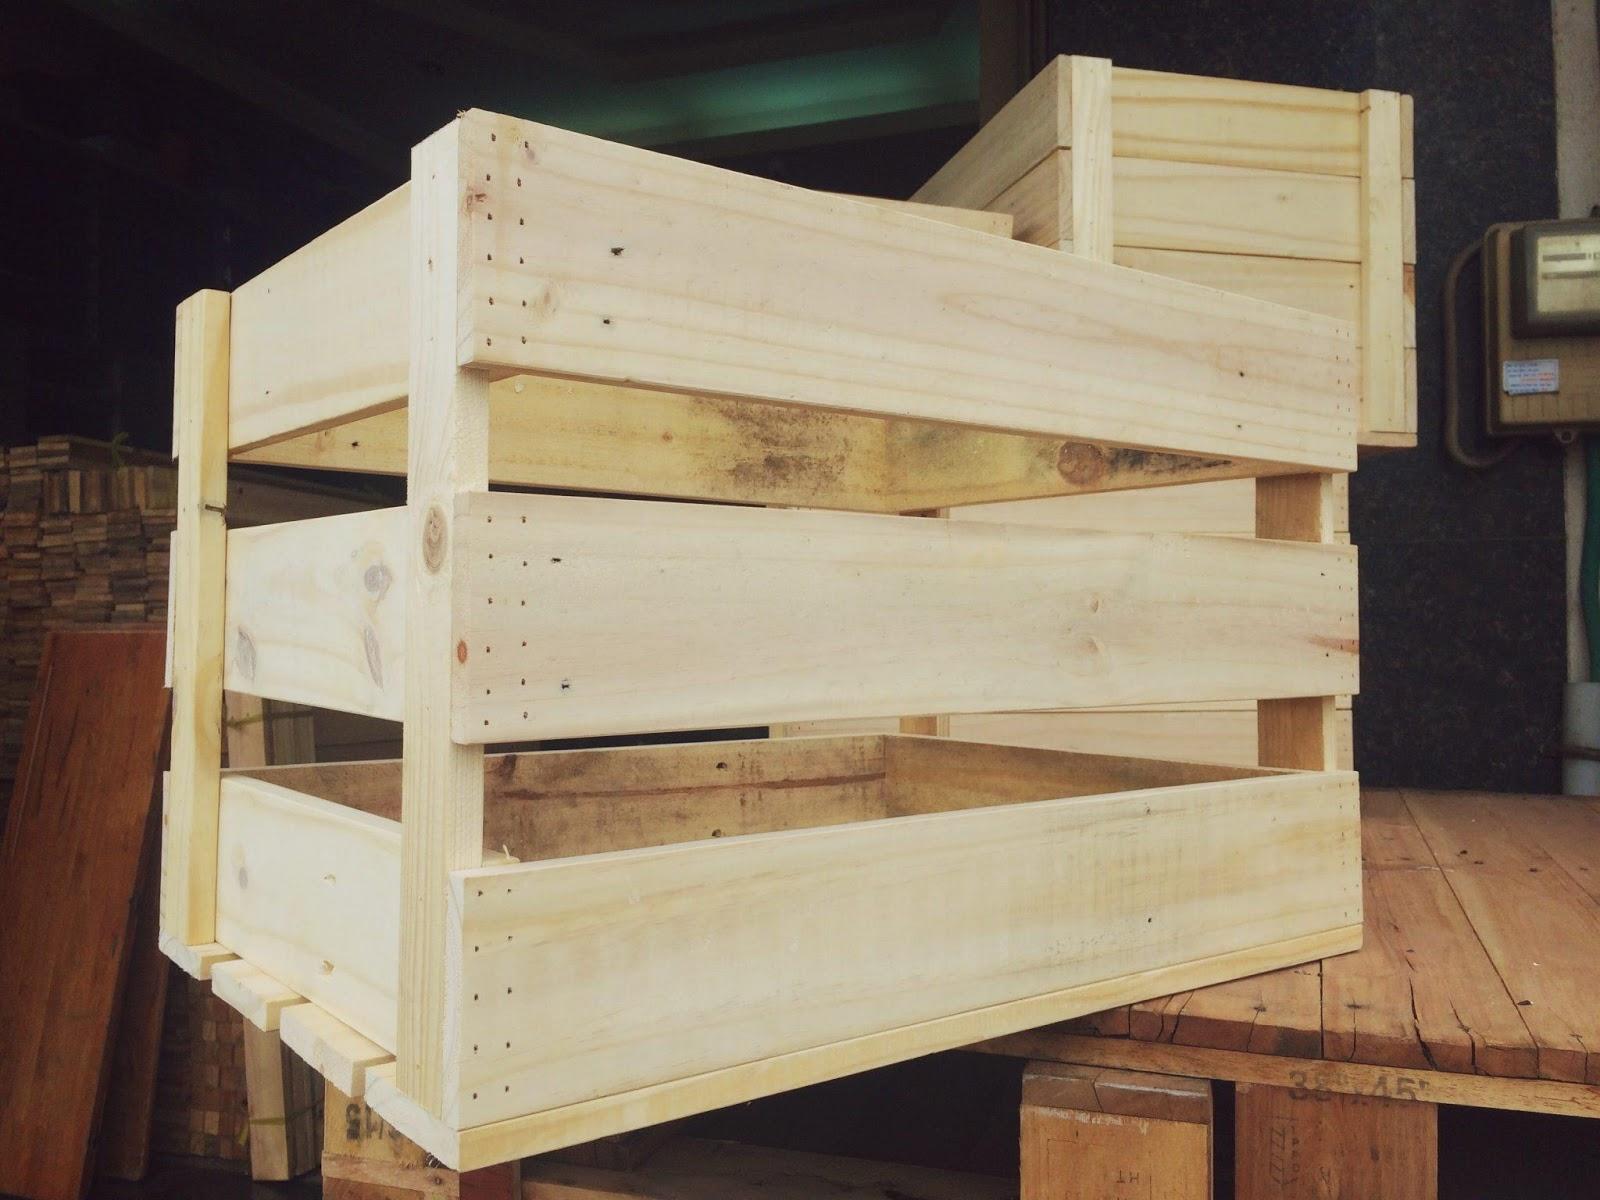 Đóng hàng gỗ khi gửi hành nhanh tại NTX - Nhất Tín Express